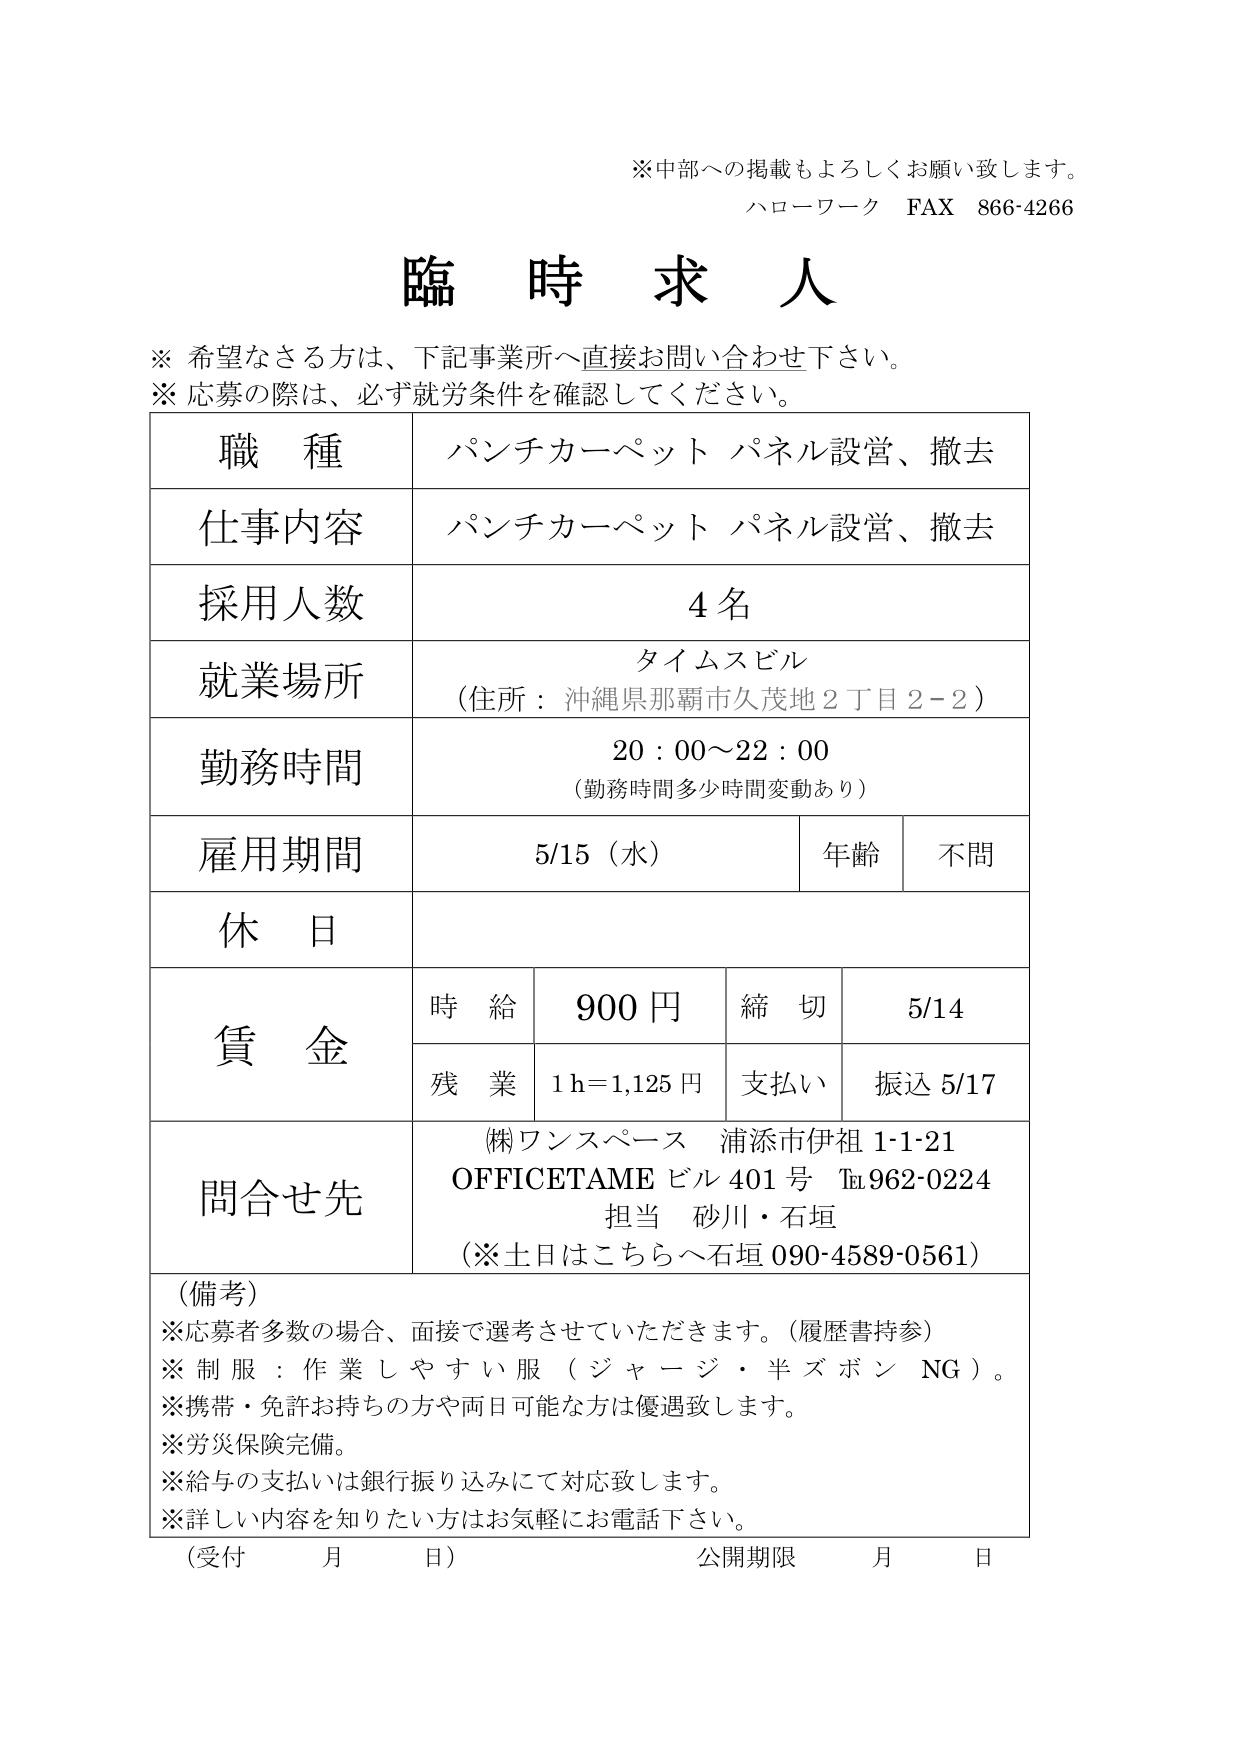 ハローワーク那覇A(臨時求人)2019.5.10_3